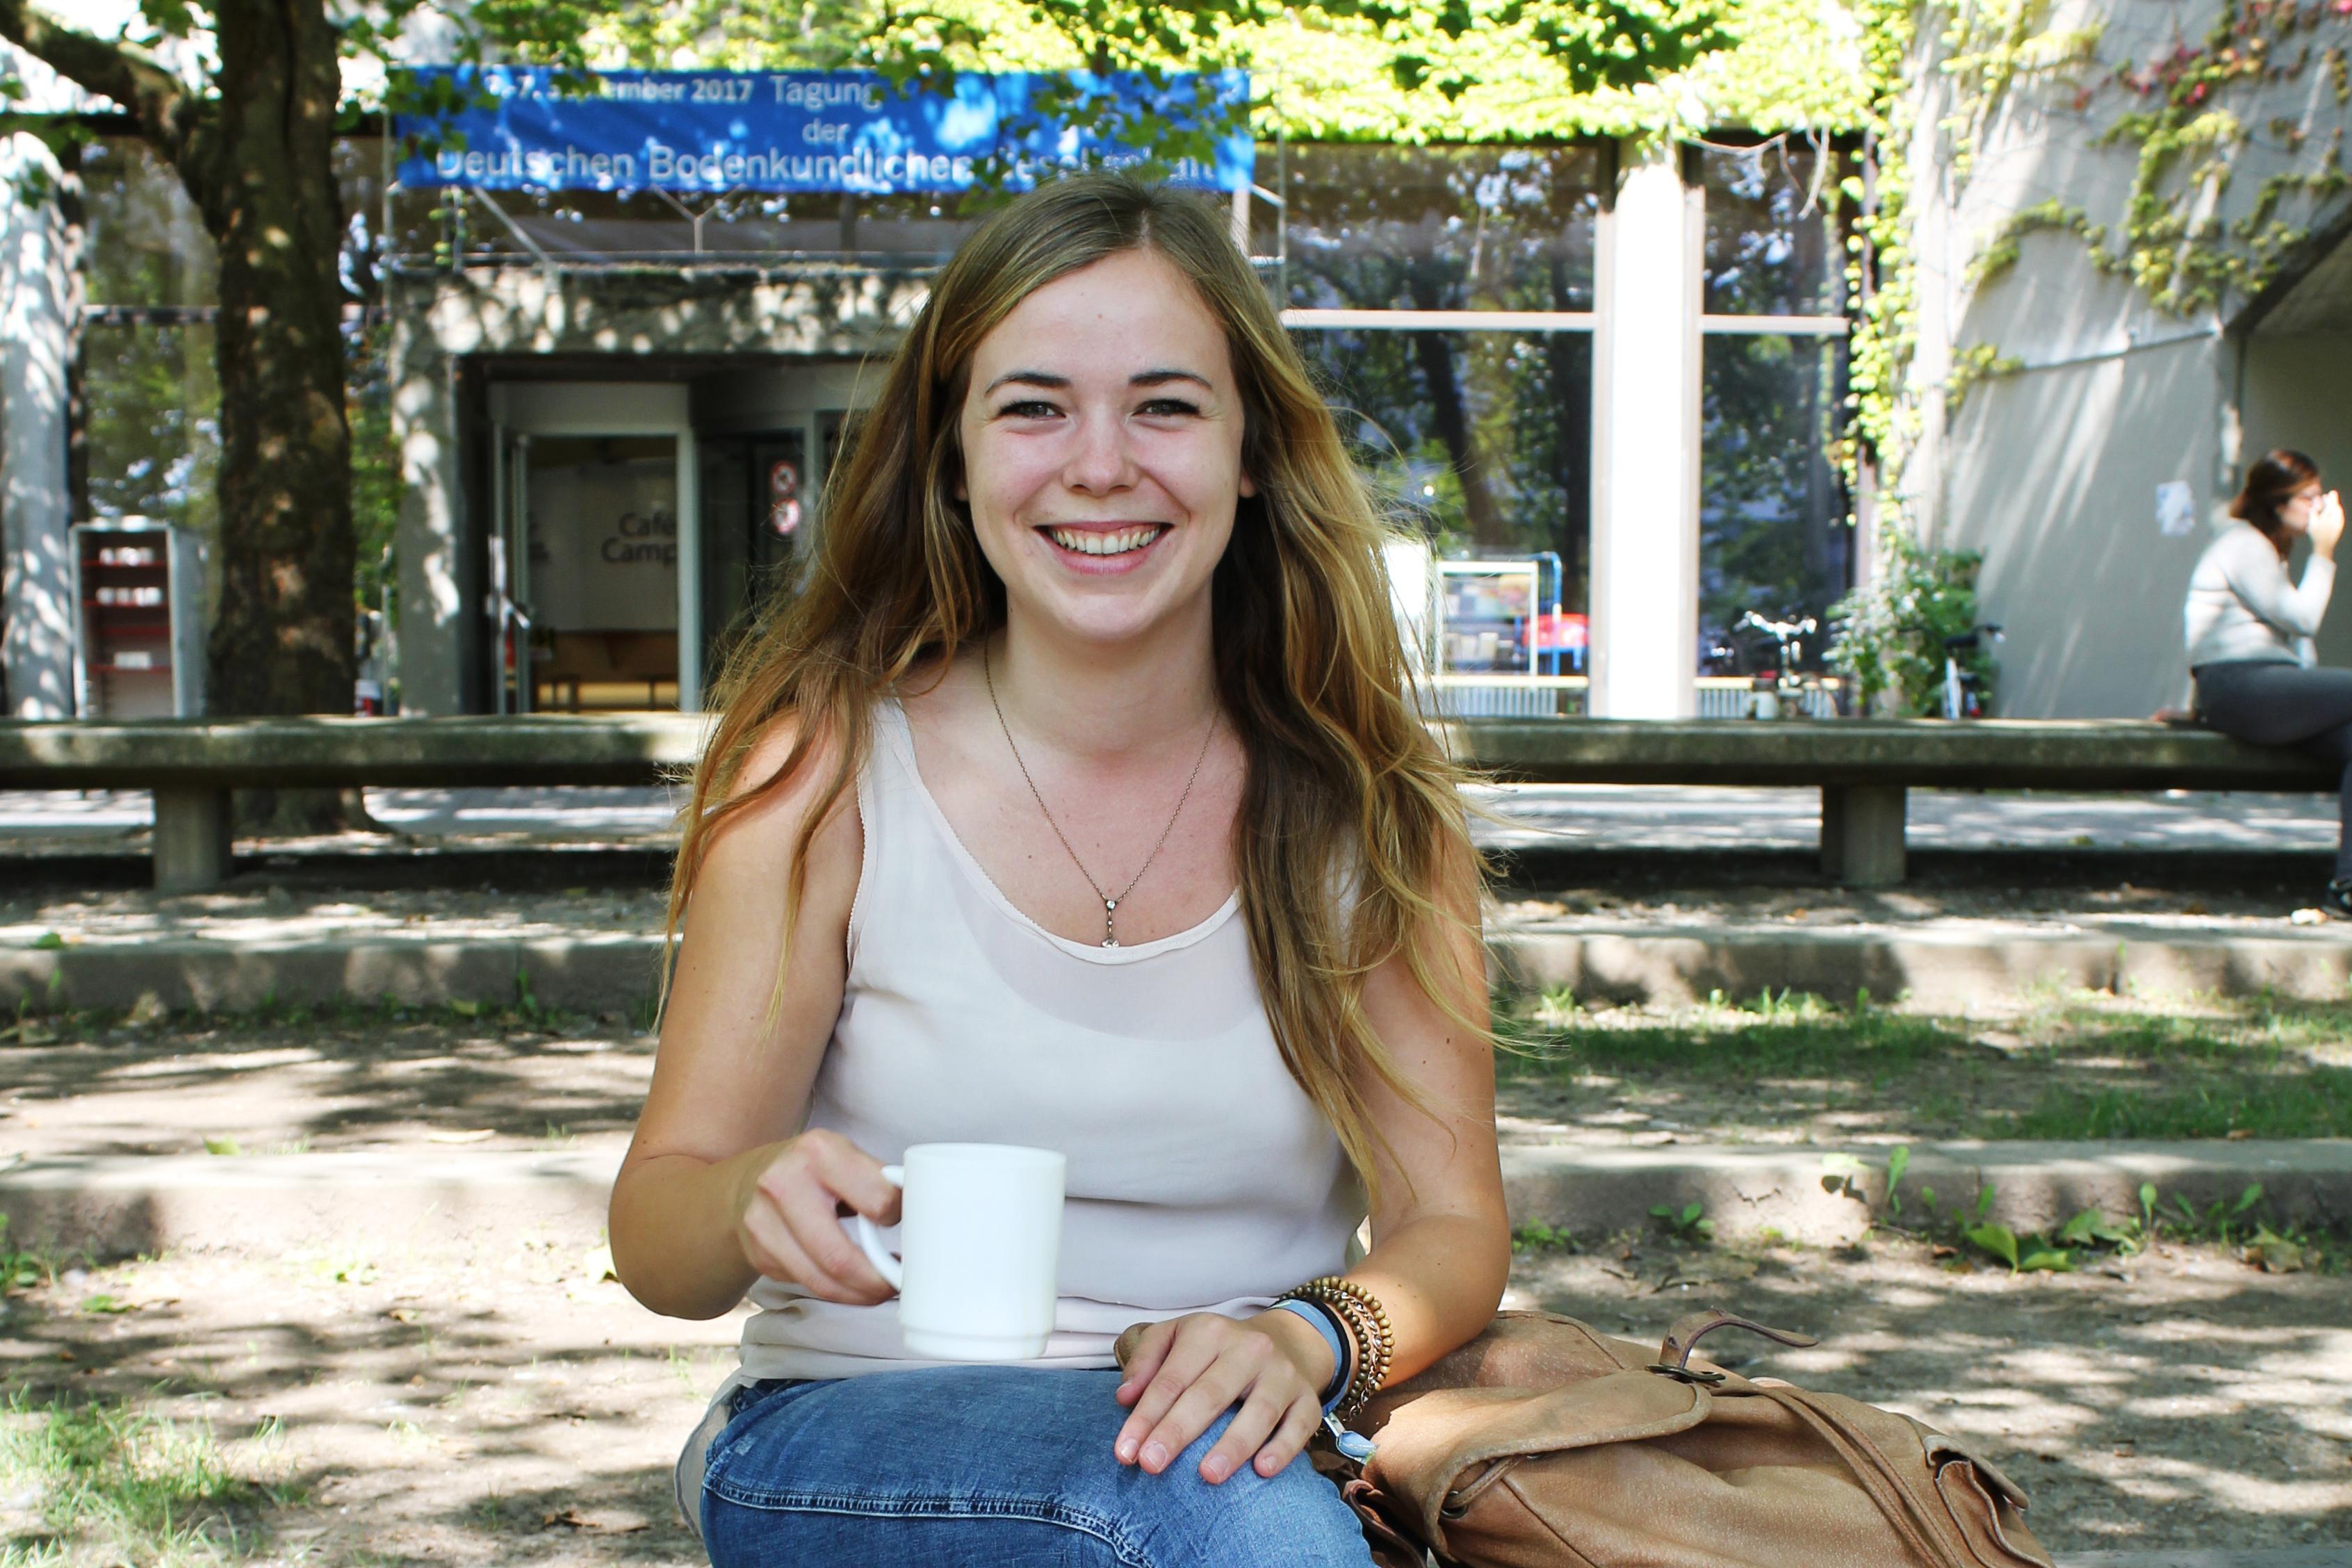 Studienbotschafterinnen im portrait georg august for Psychologie nc werte